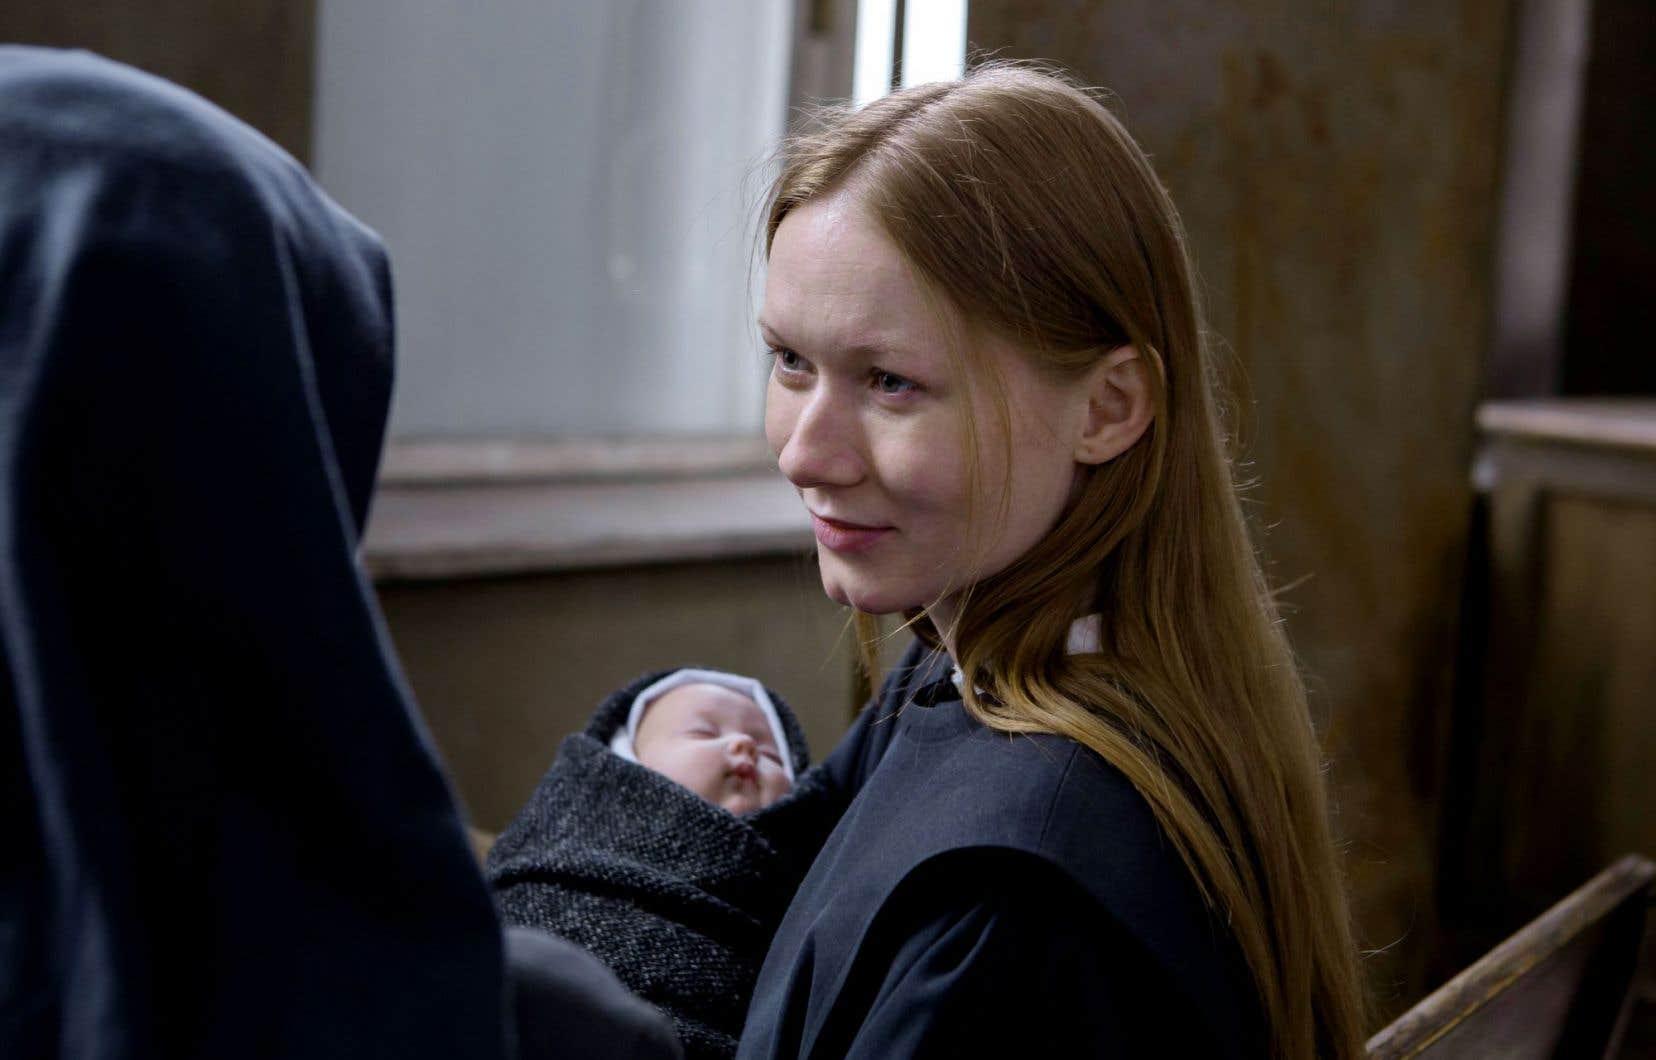 Écartelées entre l'appel du ciel et celui de l'instinct maternel, les religieuses dans le film «Les innocentes» comprennent intimement la difficulté de la conciliation vocation-famille.